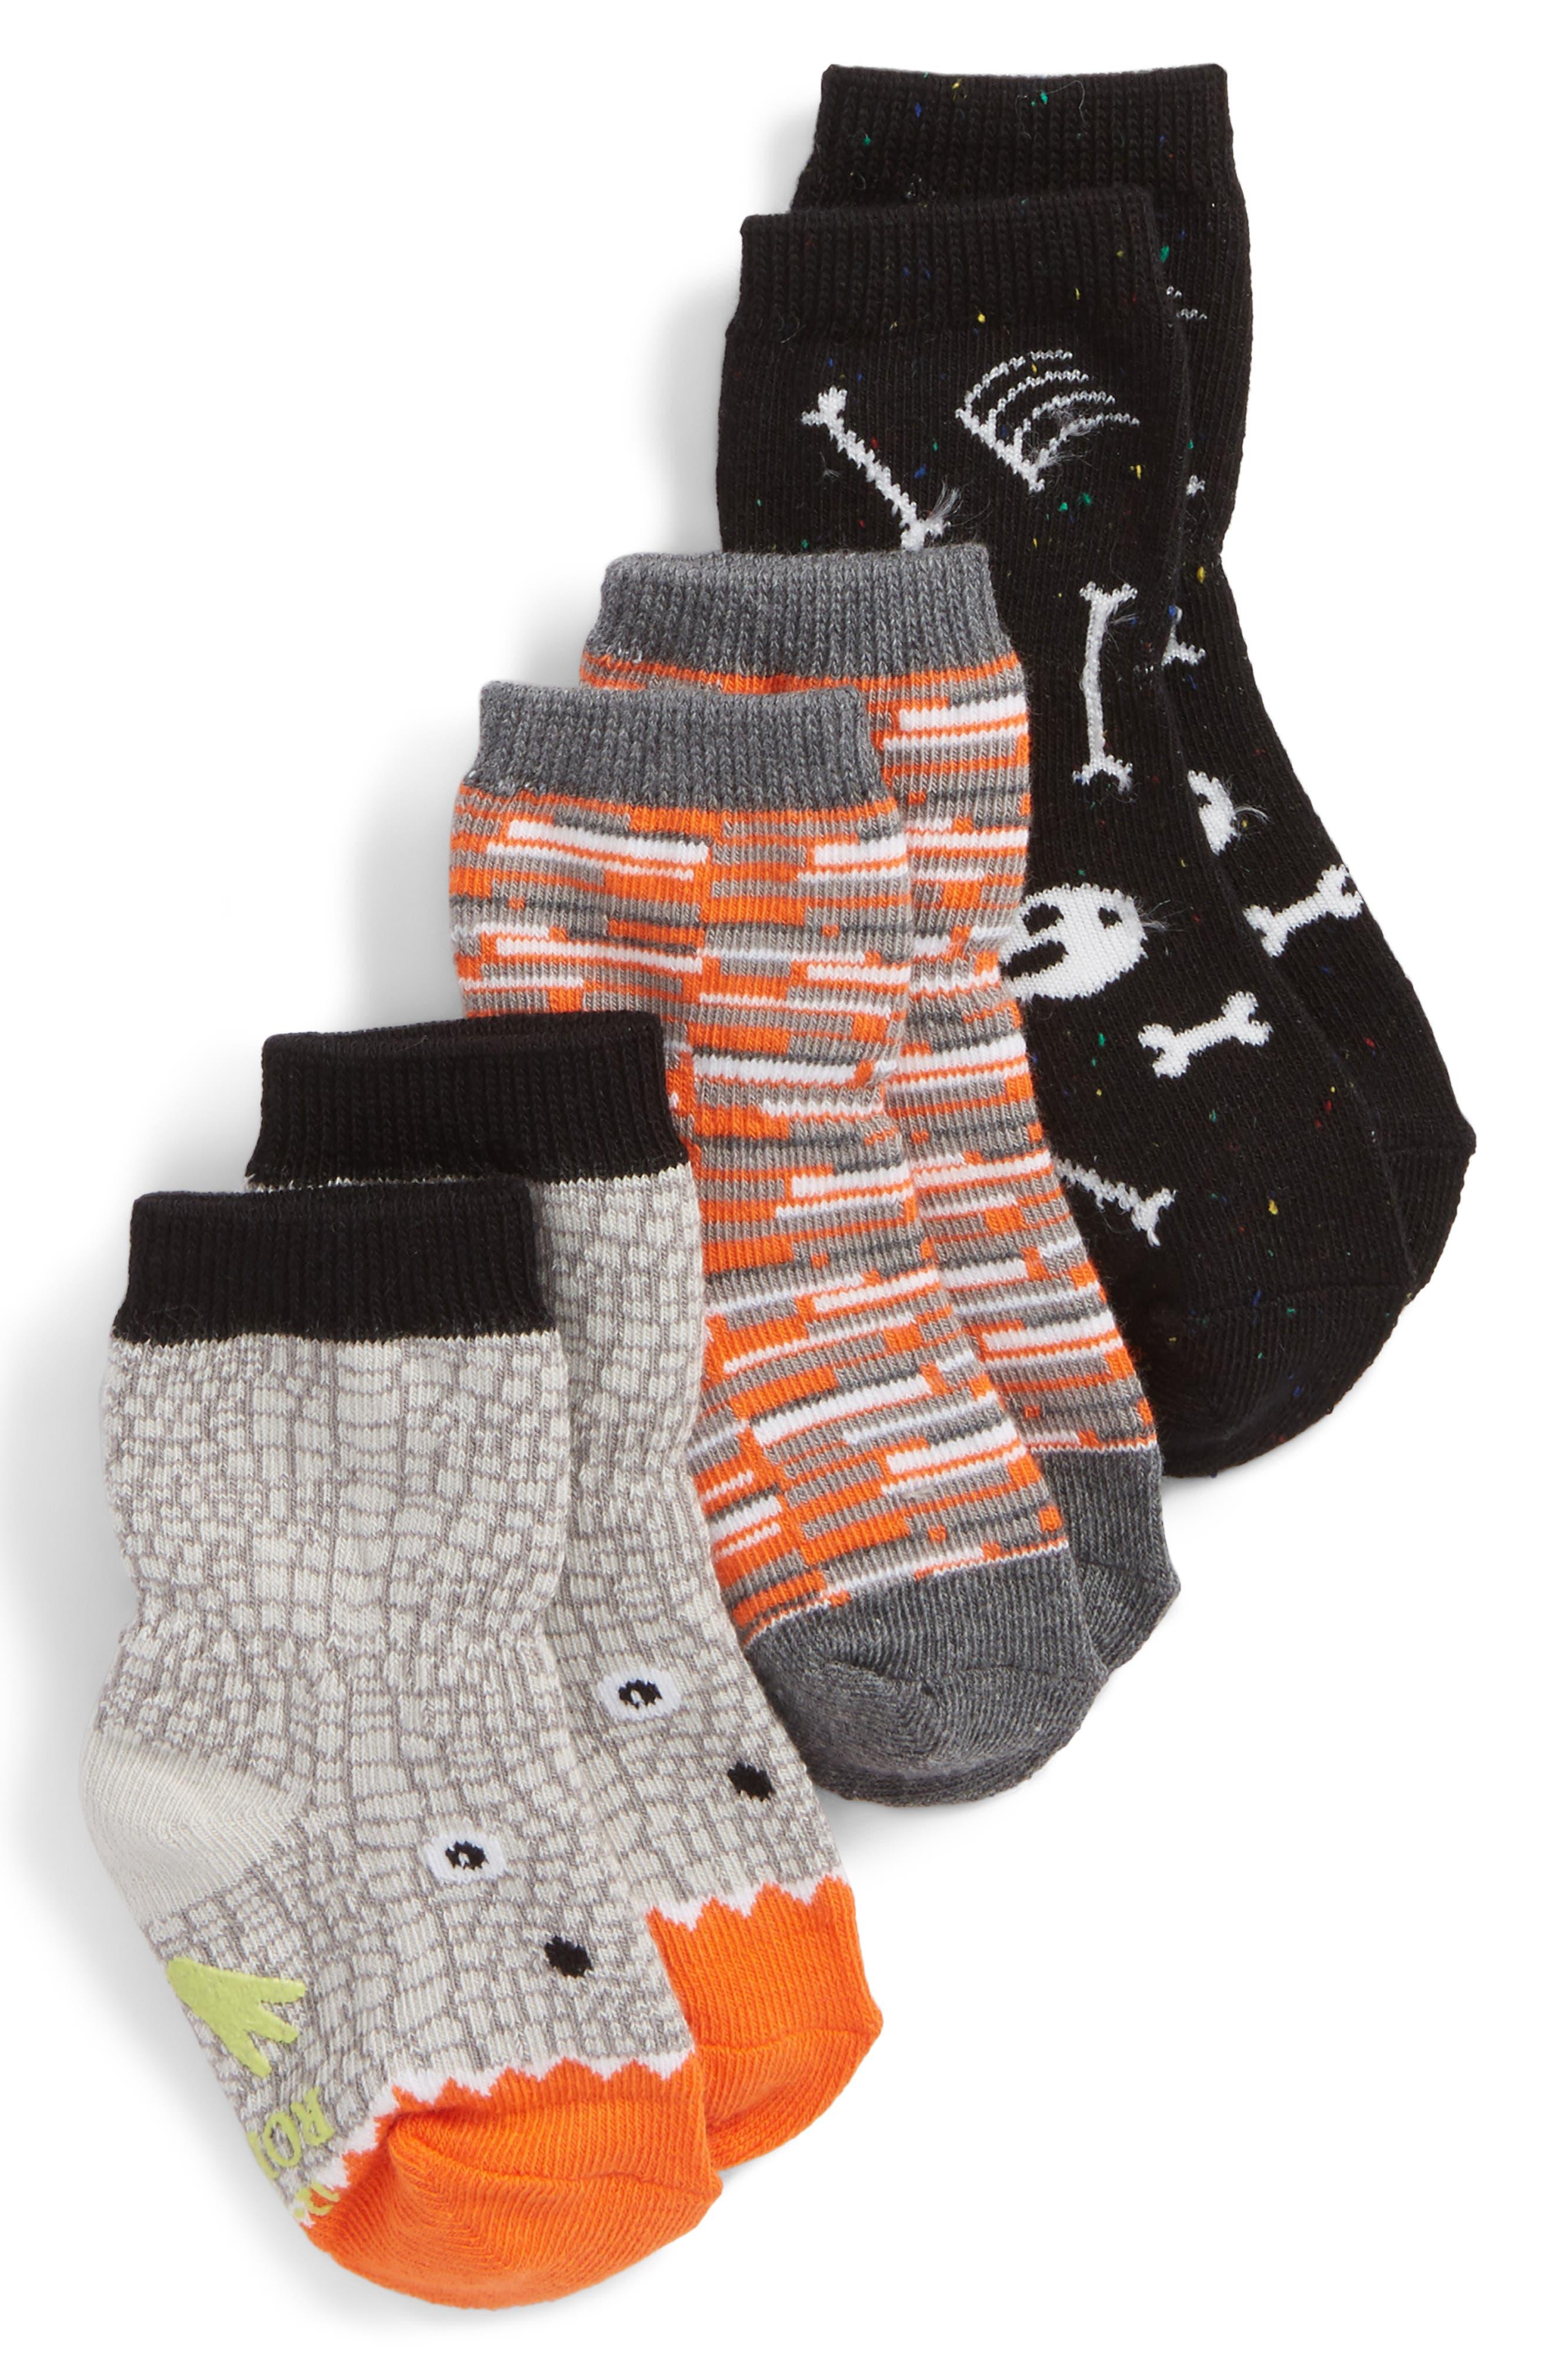 Dino Dan 3-Pack Socks,                         Main,                         color, GRAY/ ORANGE/ GLOW-IN-THE-DARK